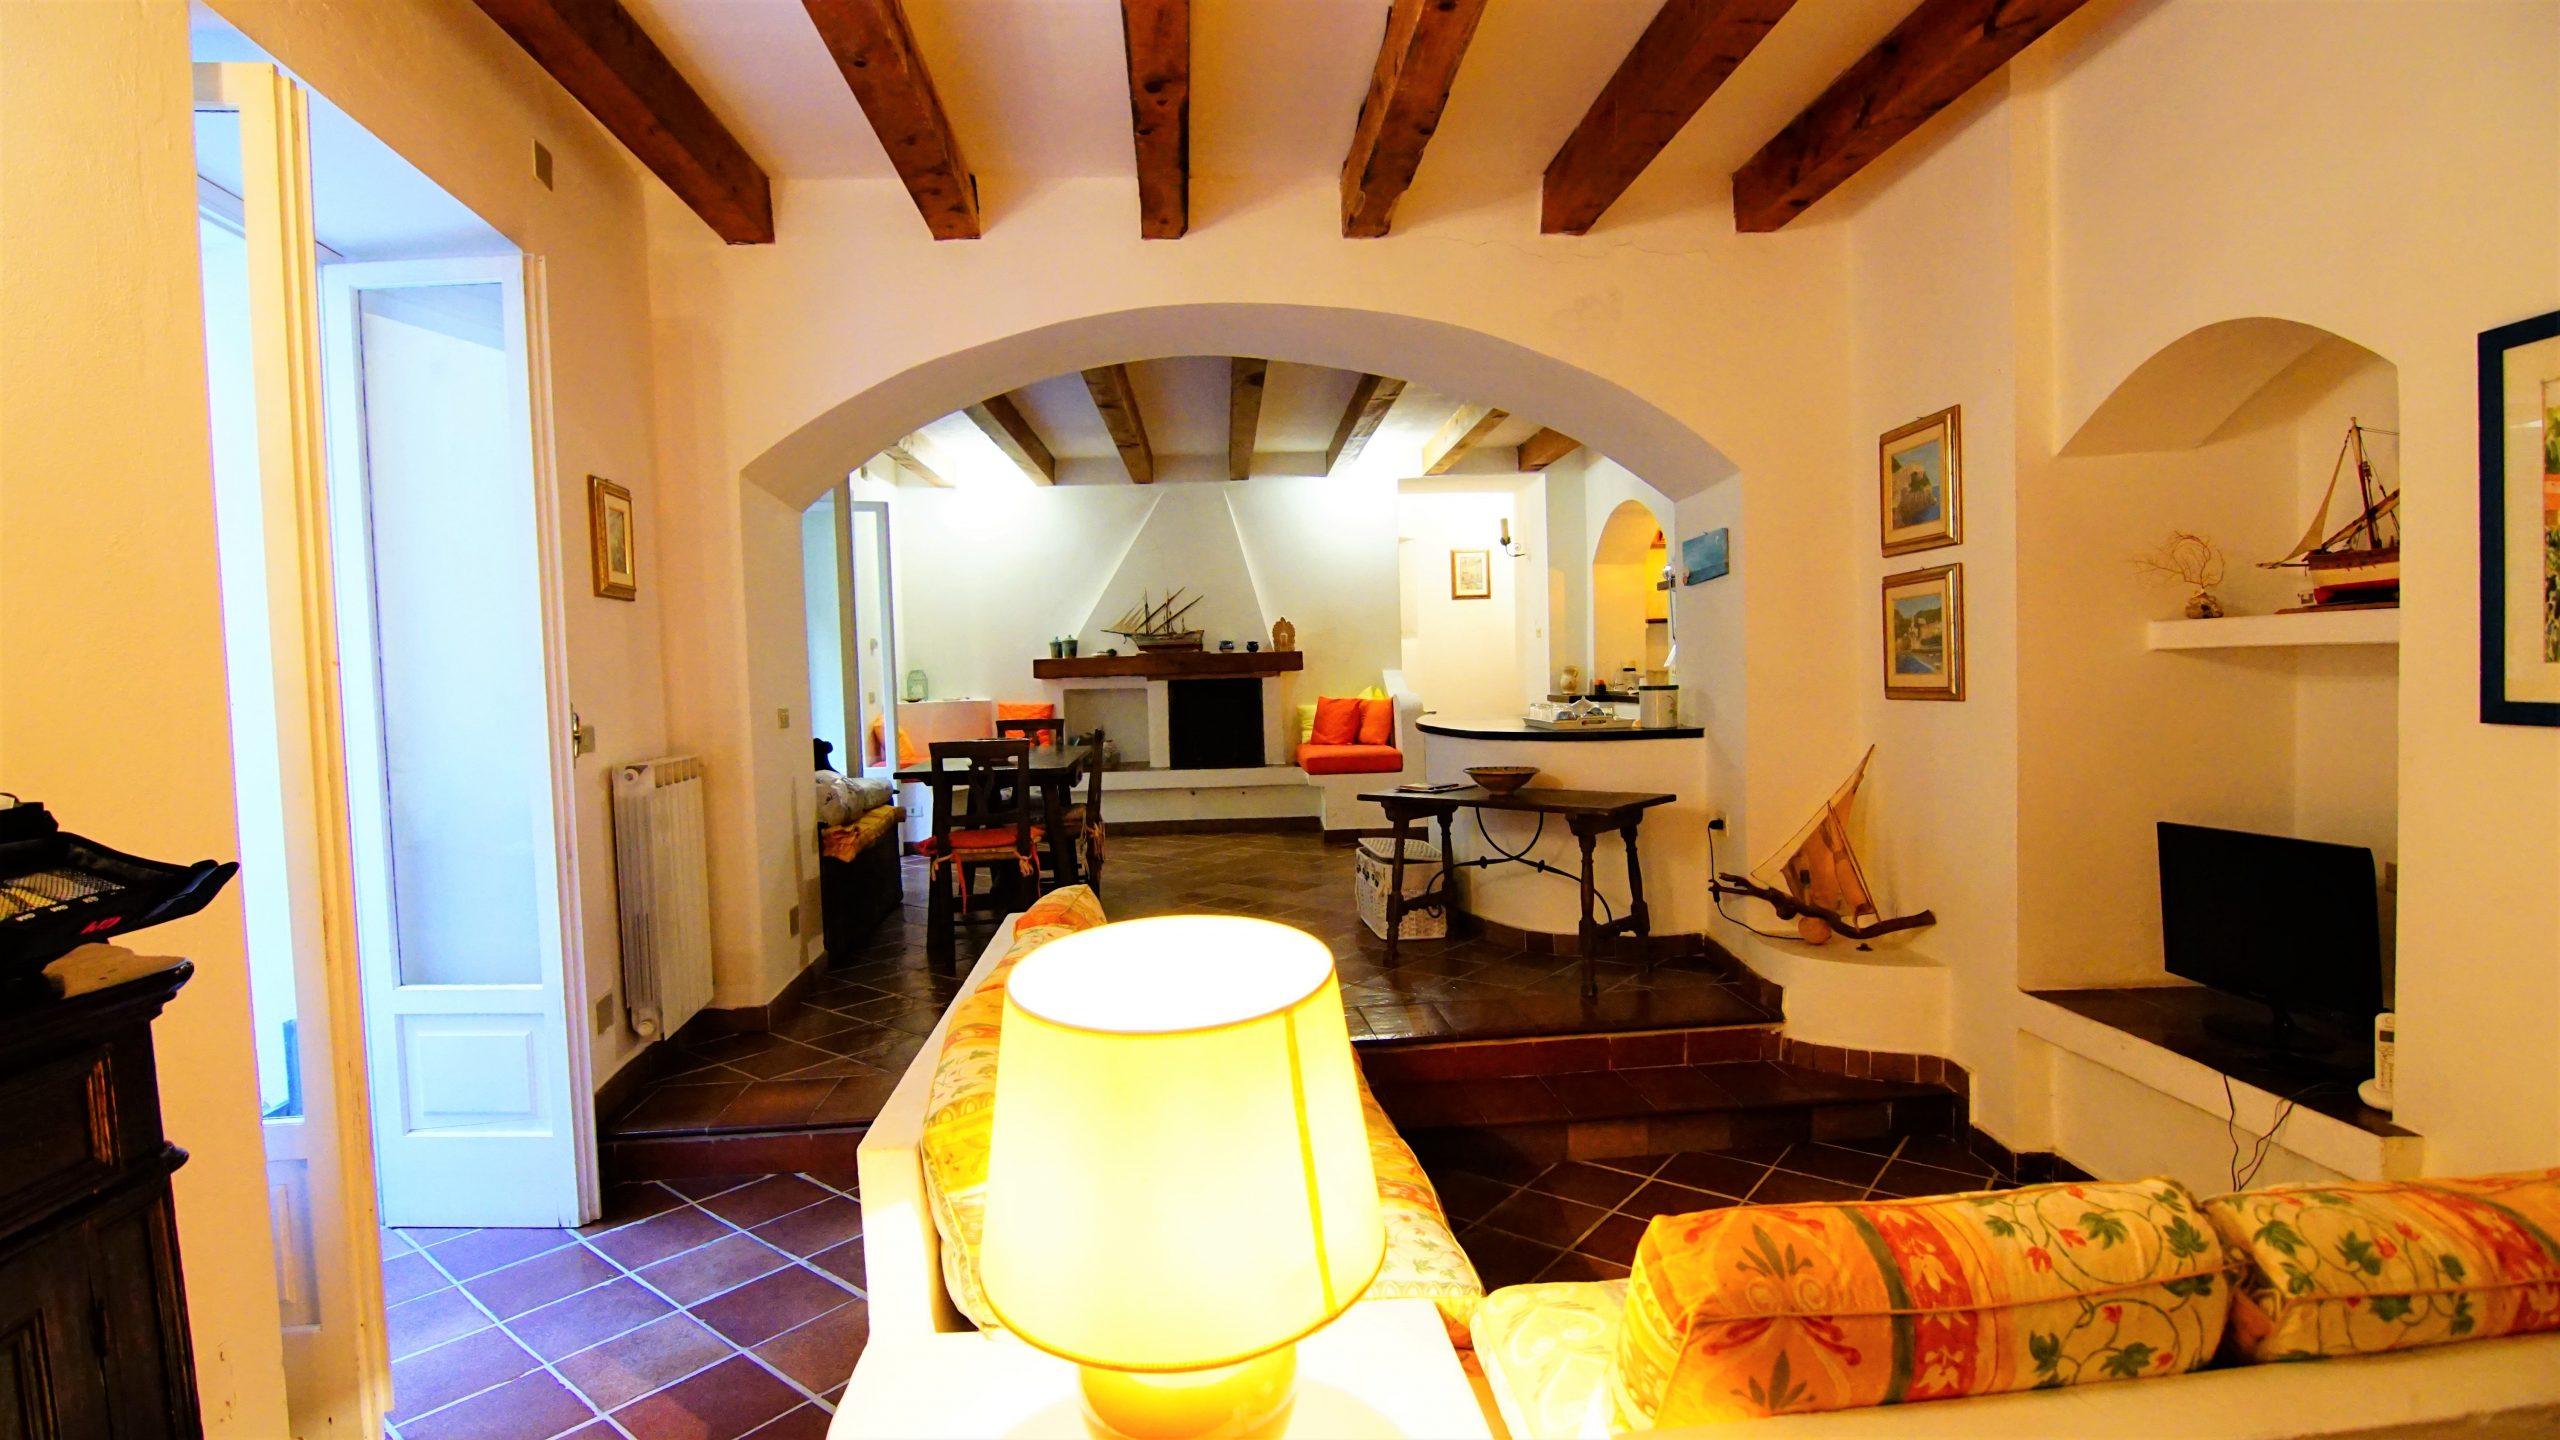 Appartamento in vendita a Levanto in Via Garibaldi 20